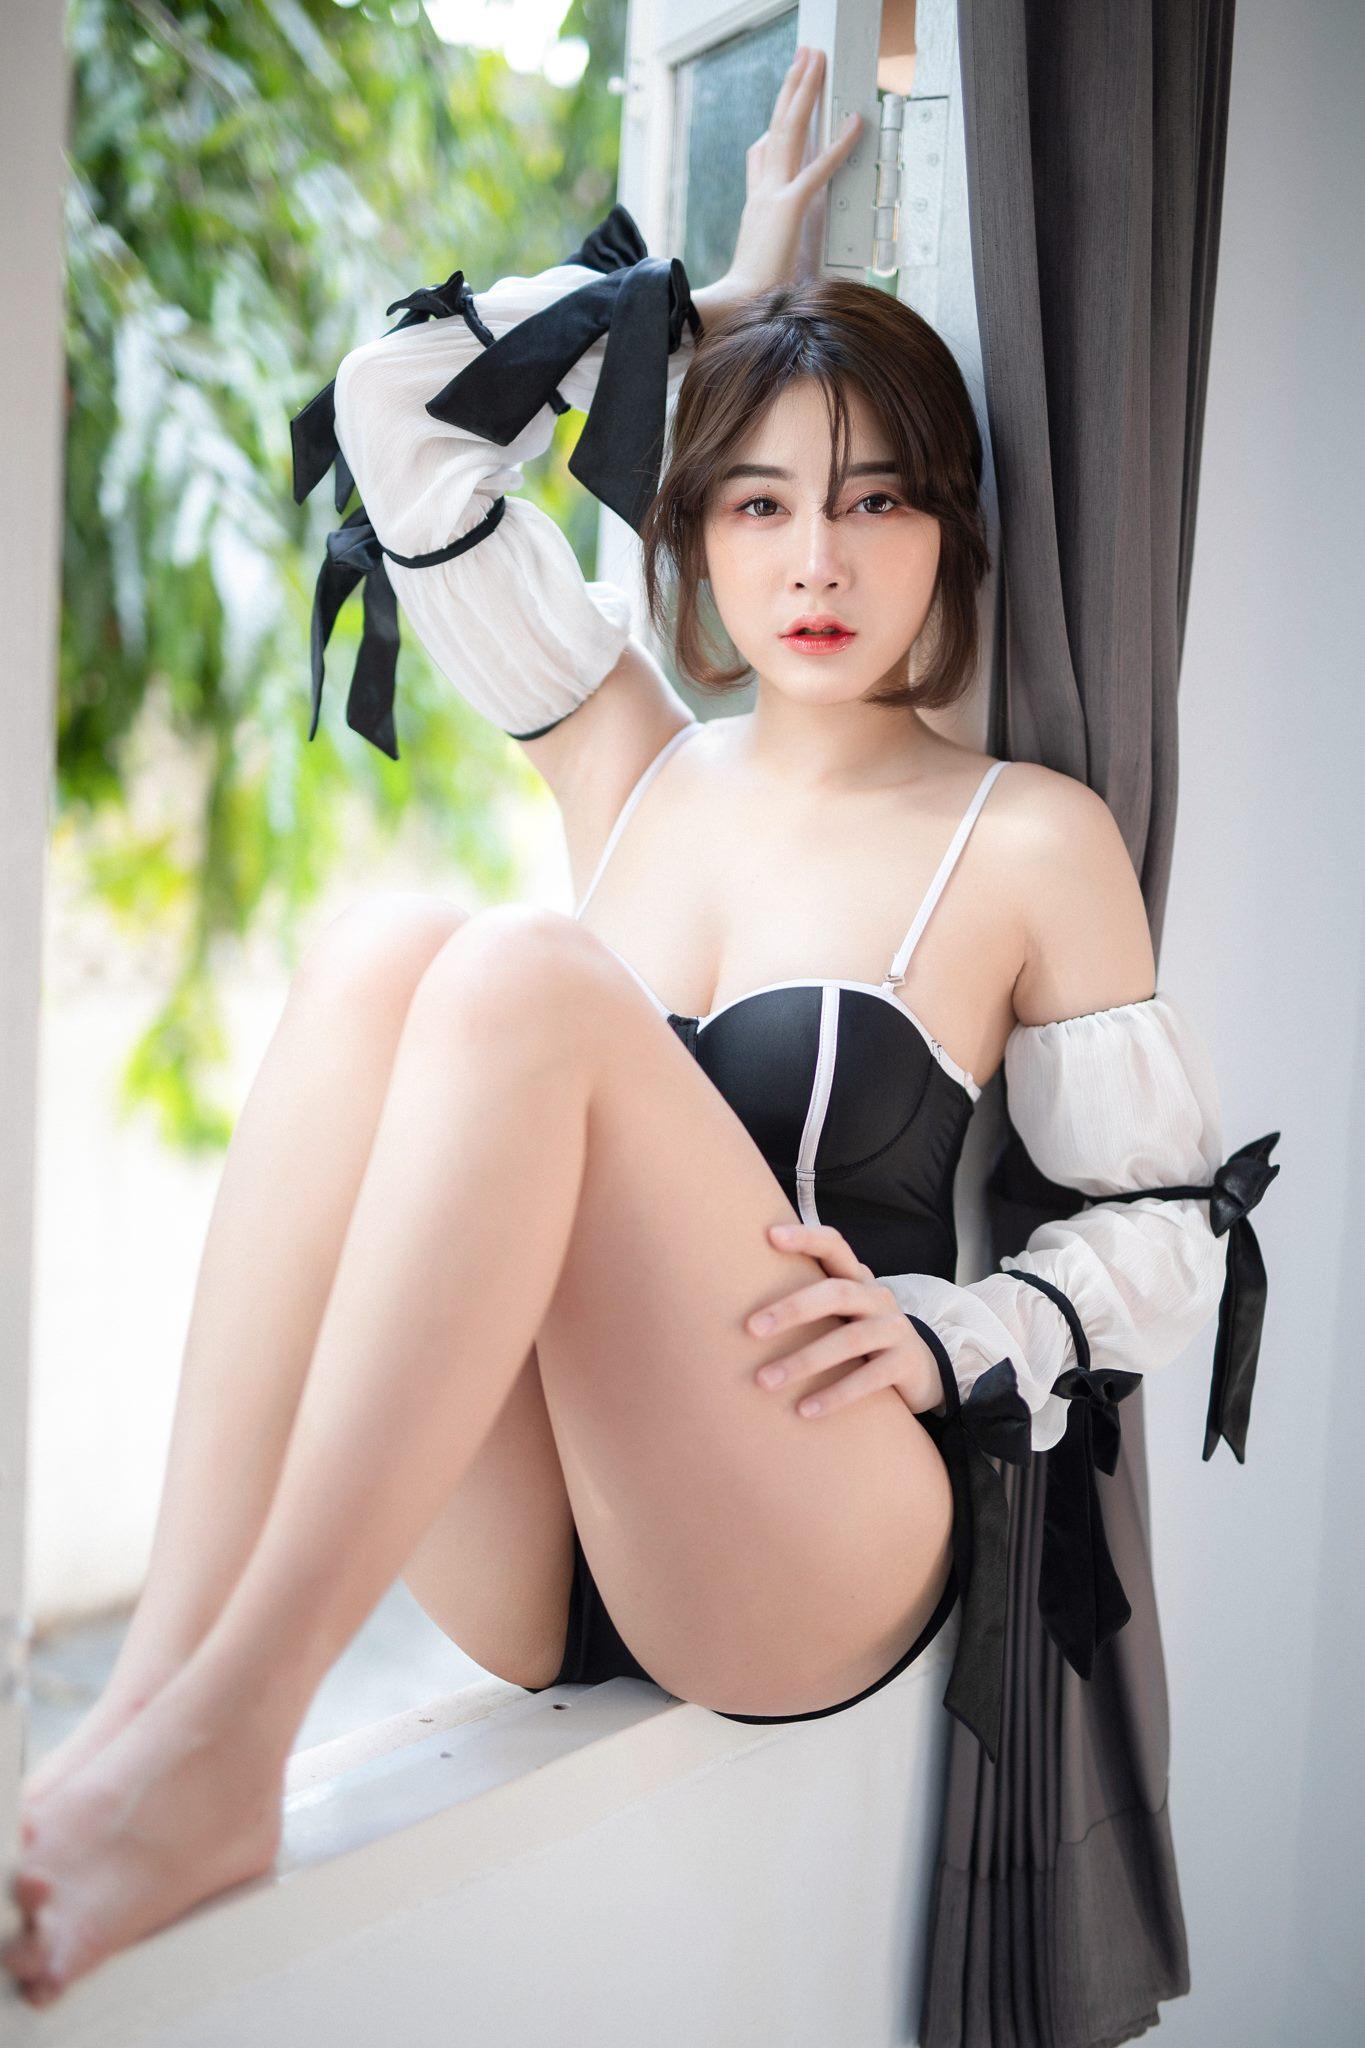 Black & White - Anchalee Wangwan